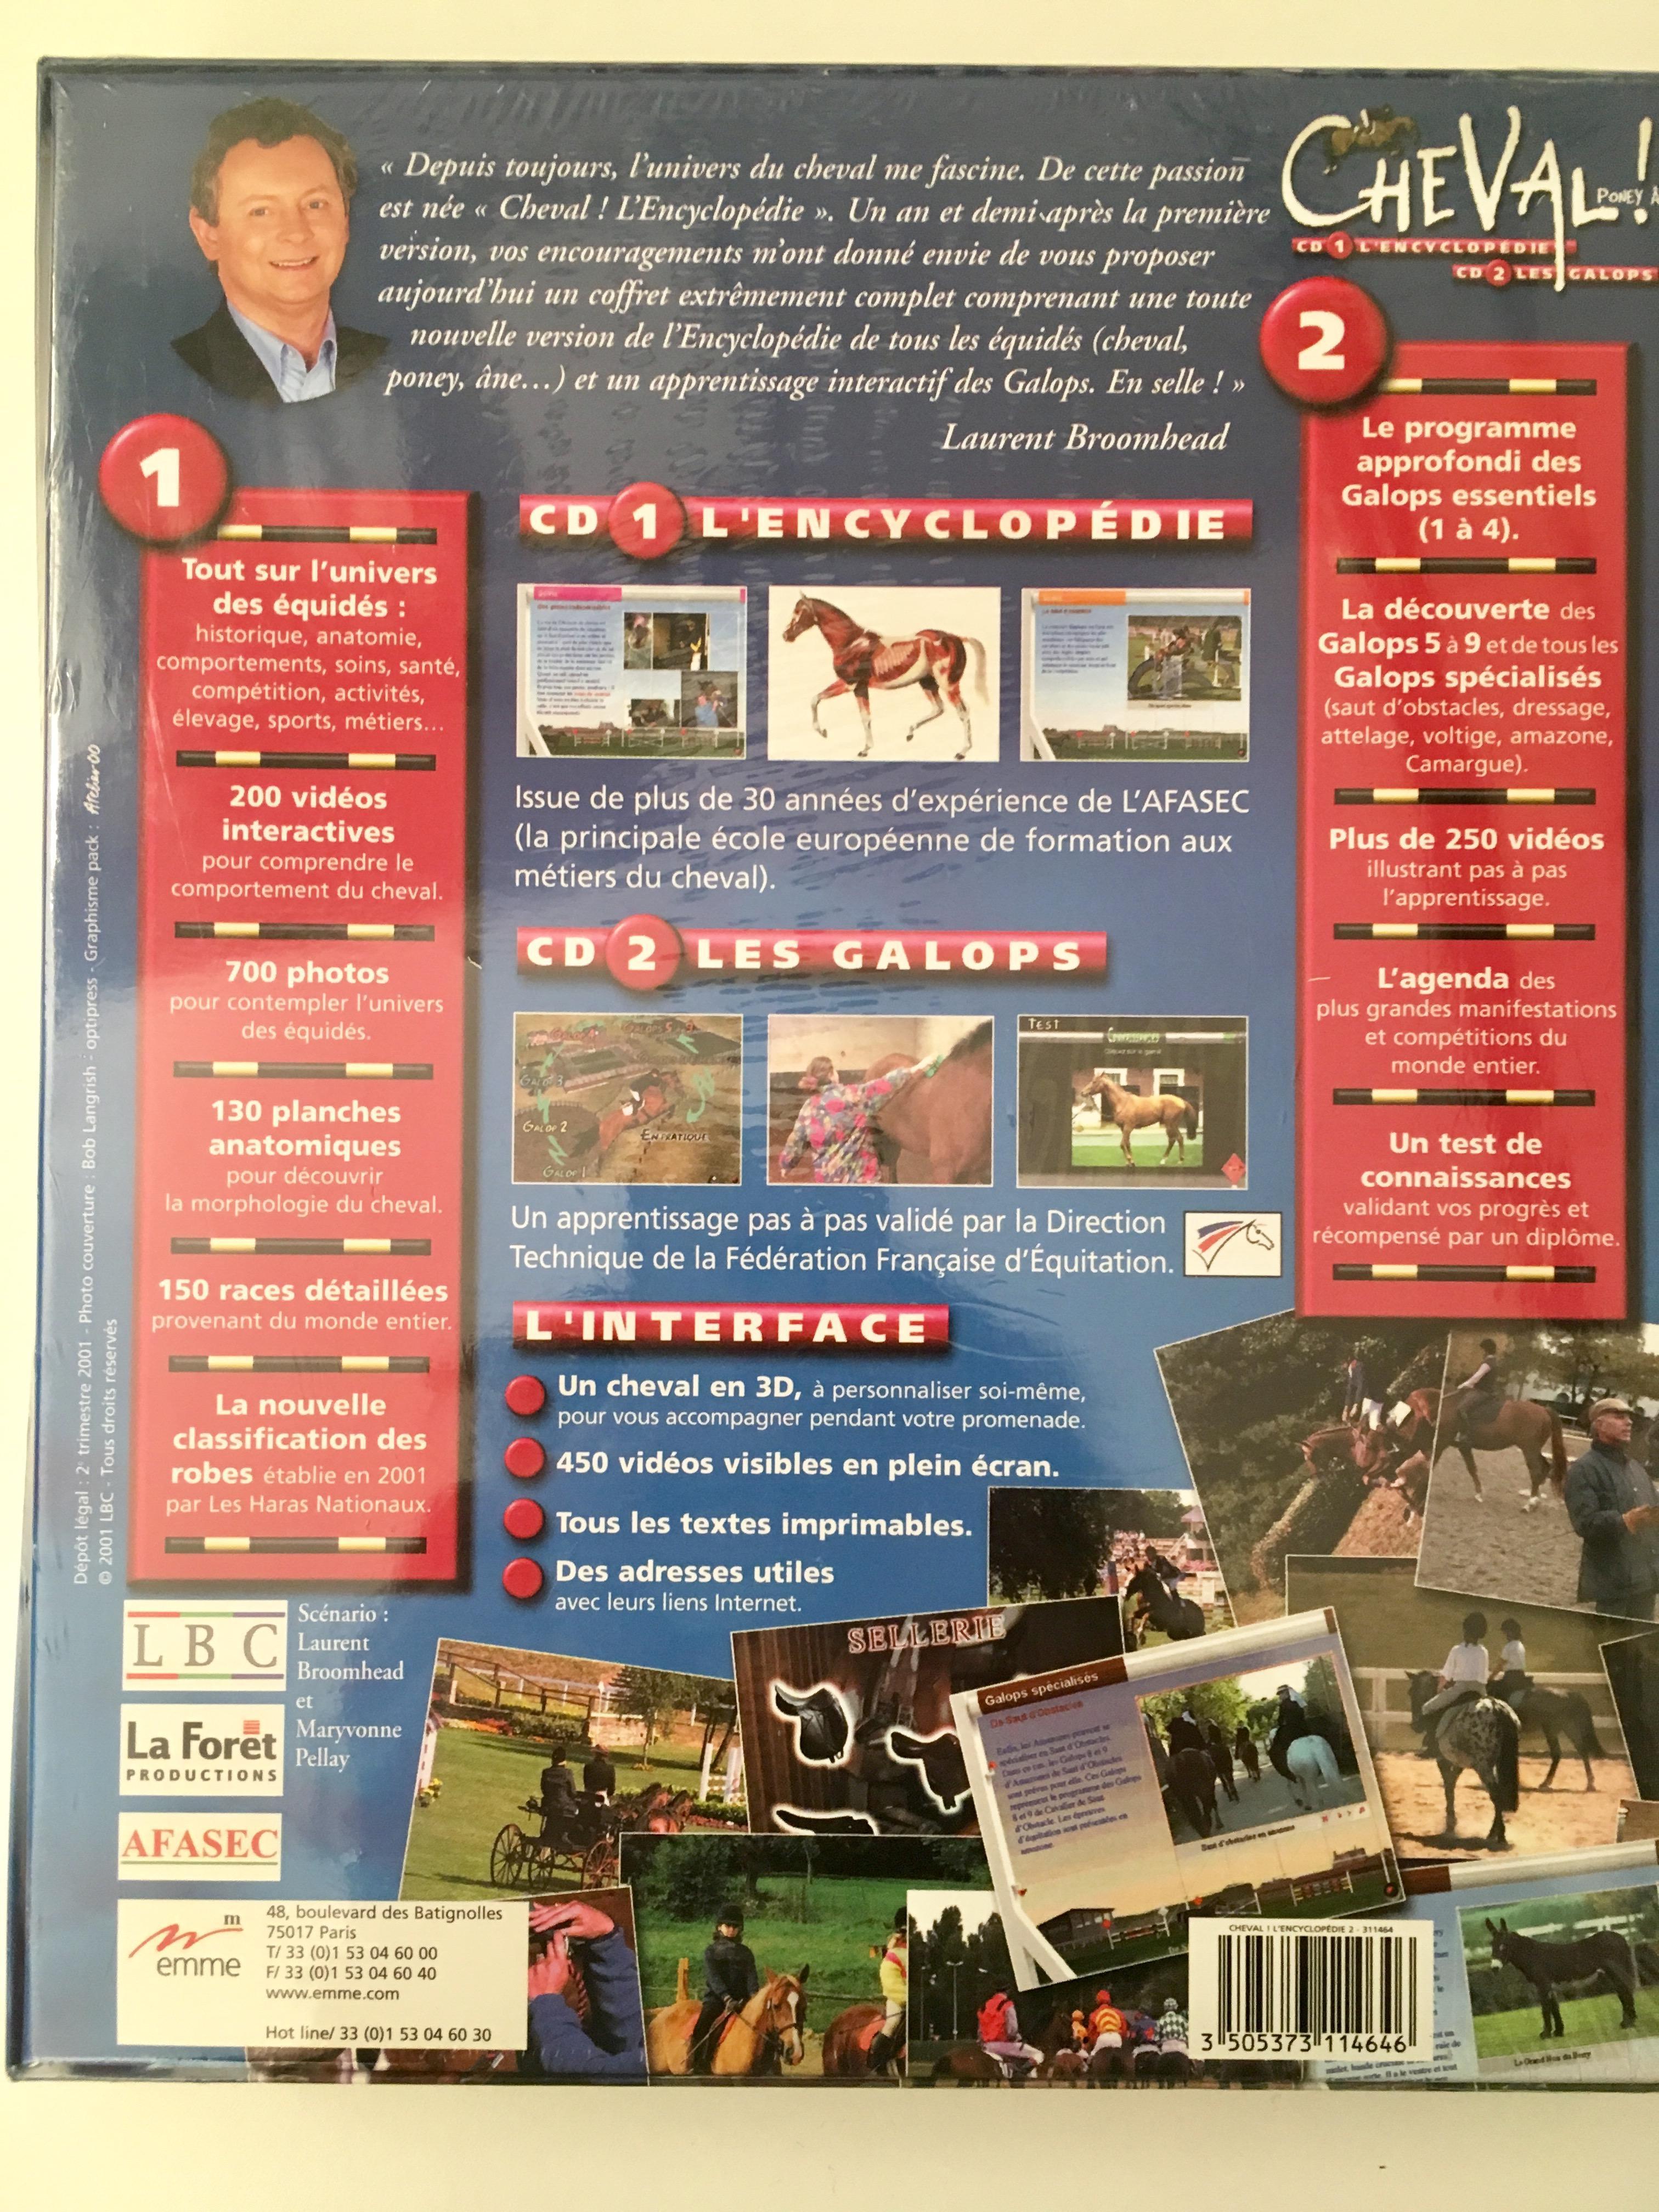 troc de troc cd chevaux et équitation image 1